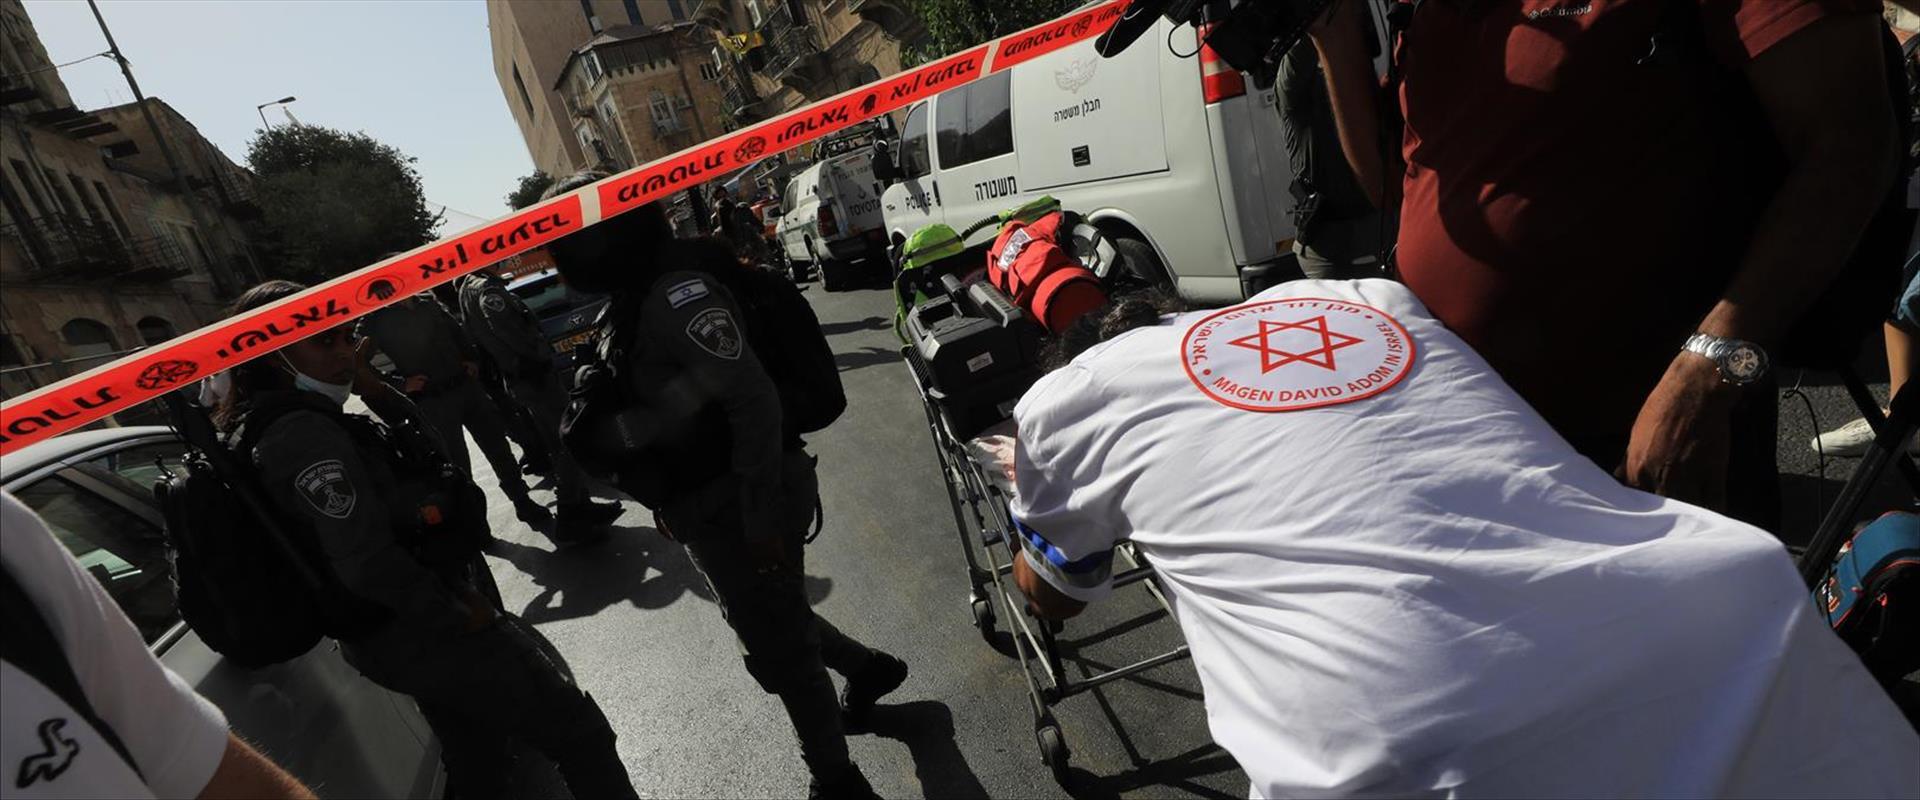 اعتداء طعن ارهابي اورشليم القدس